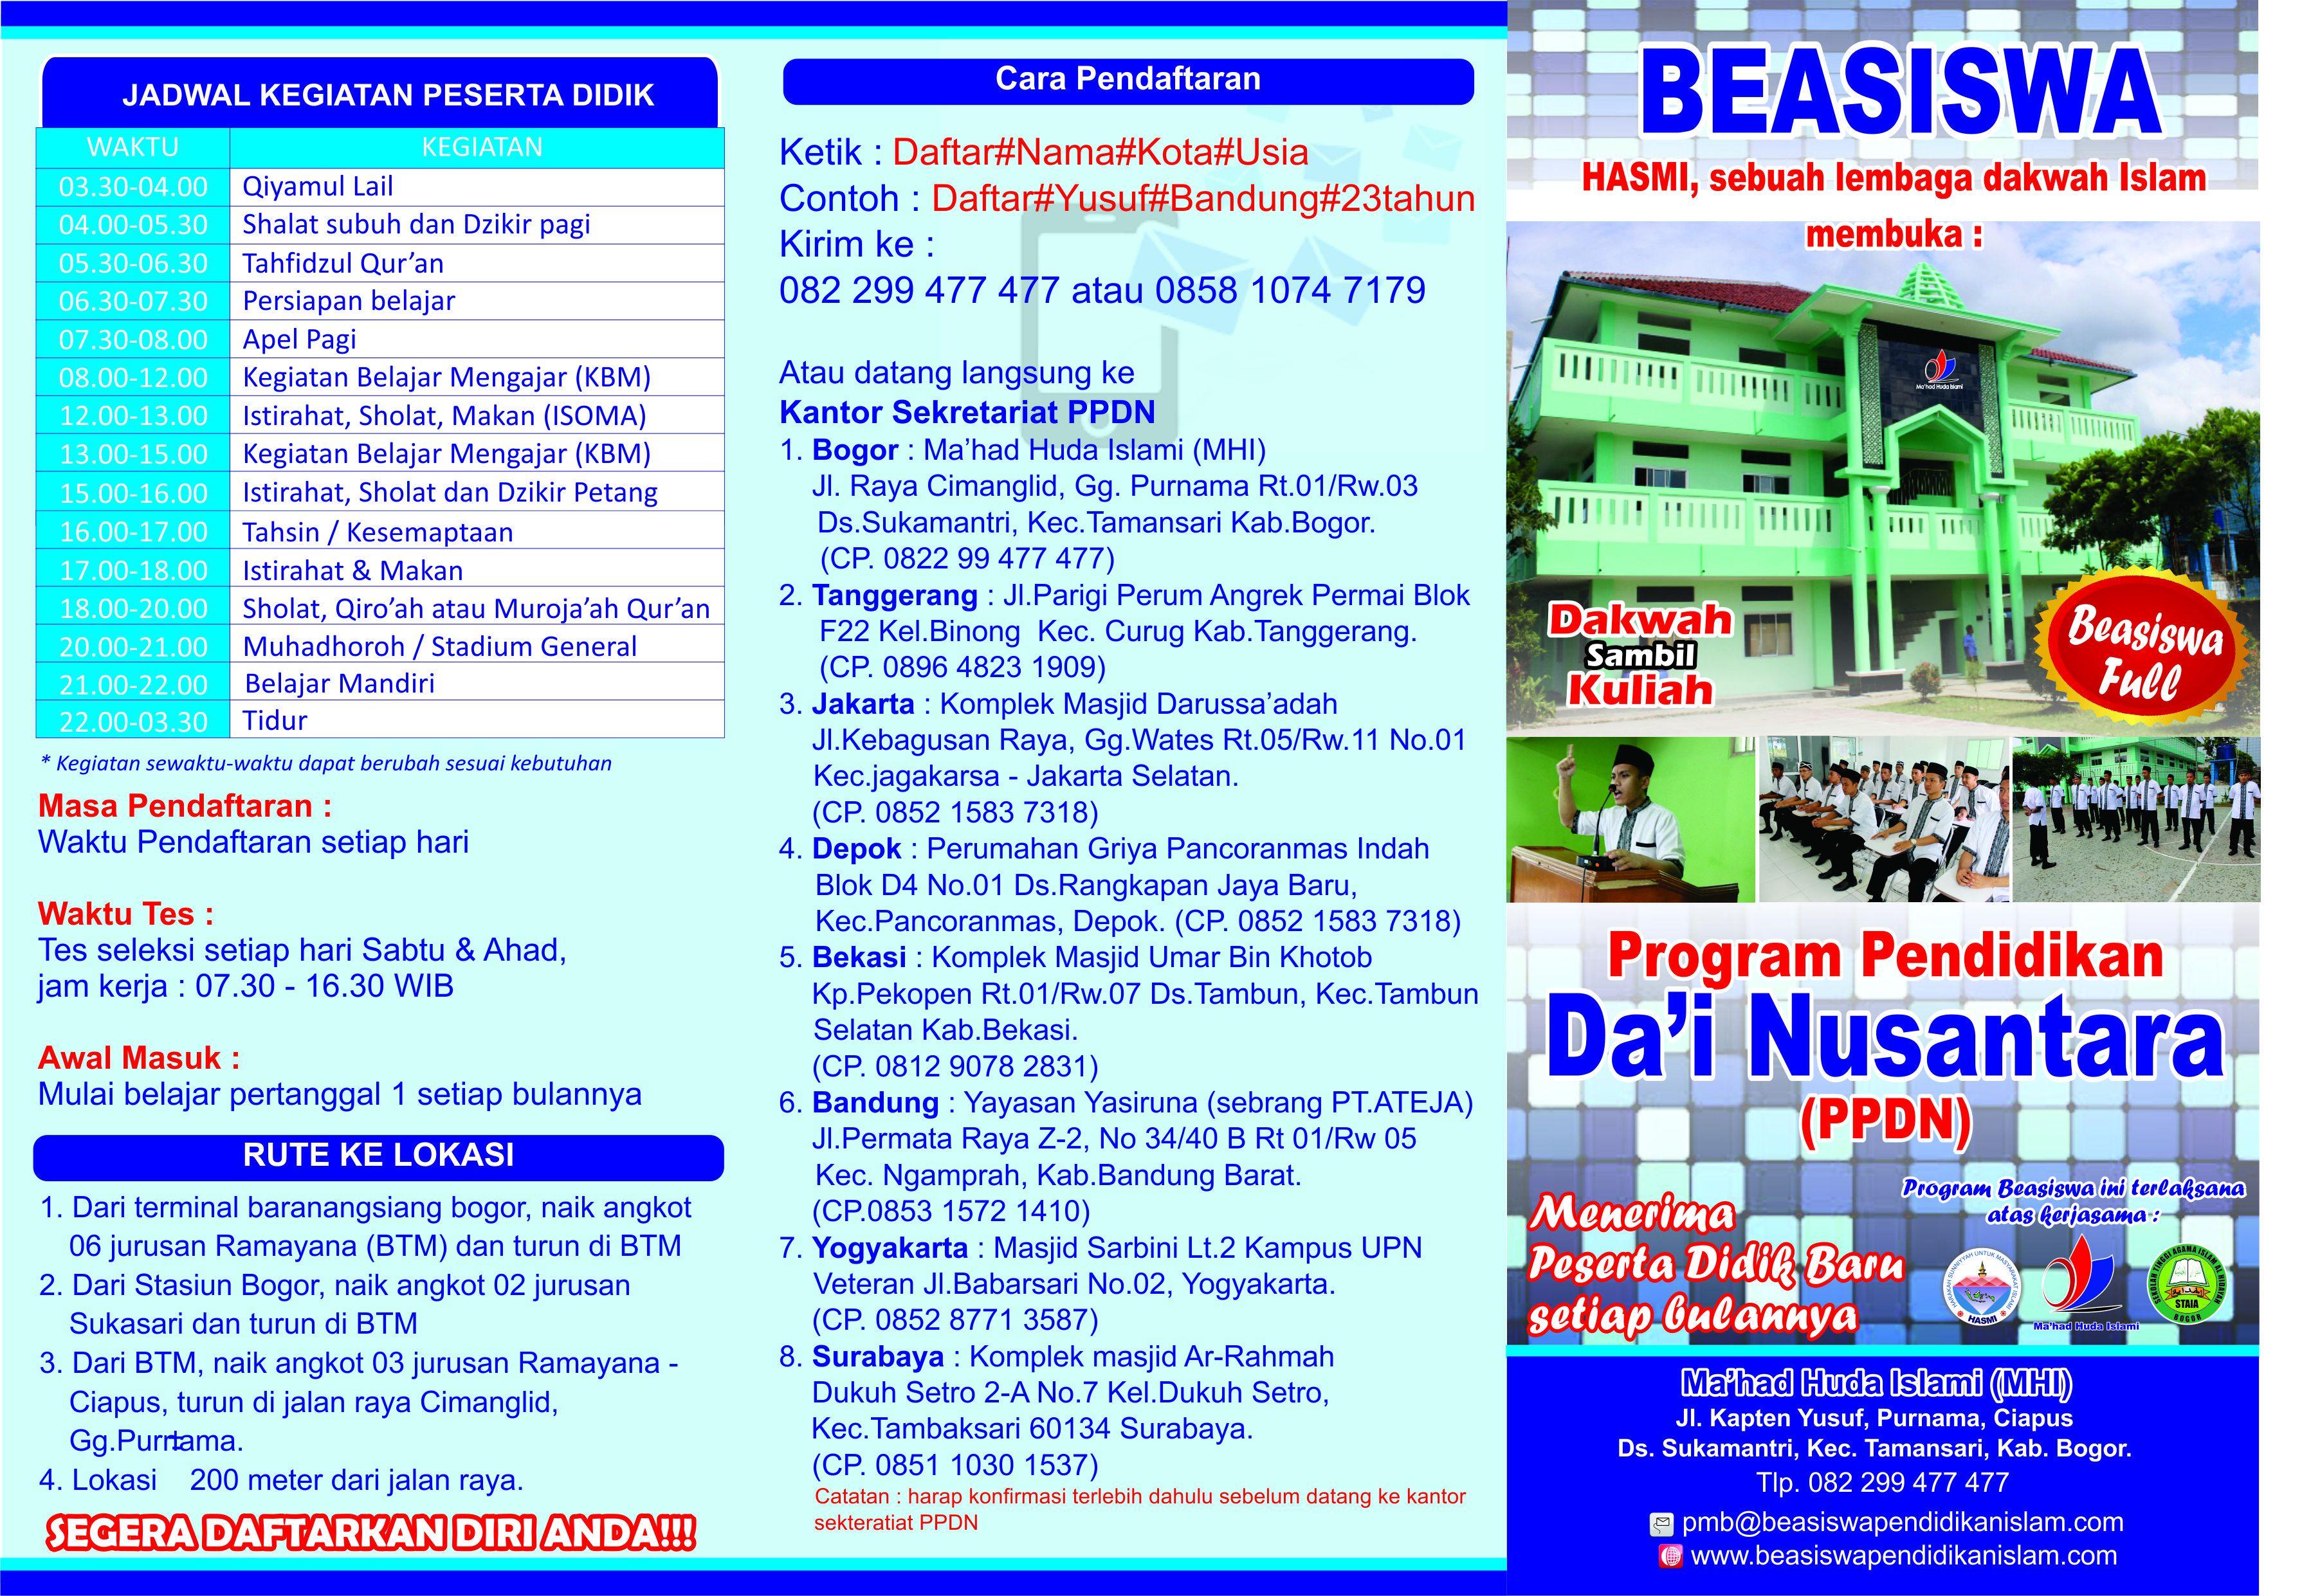 Segeralah Bergabung di Program Pendidikan Da'i Nusantara (PPDN) - HASMI :: Sebuah Gerakan ...